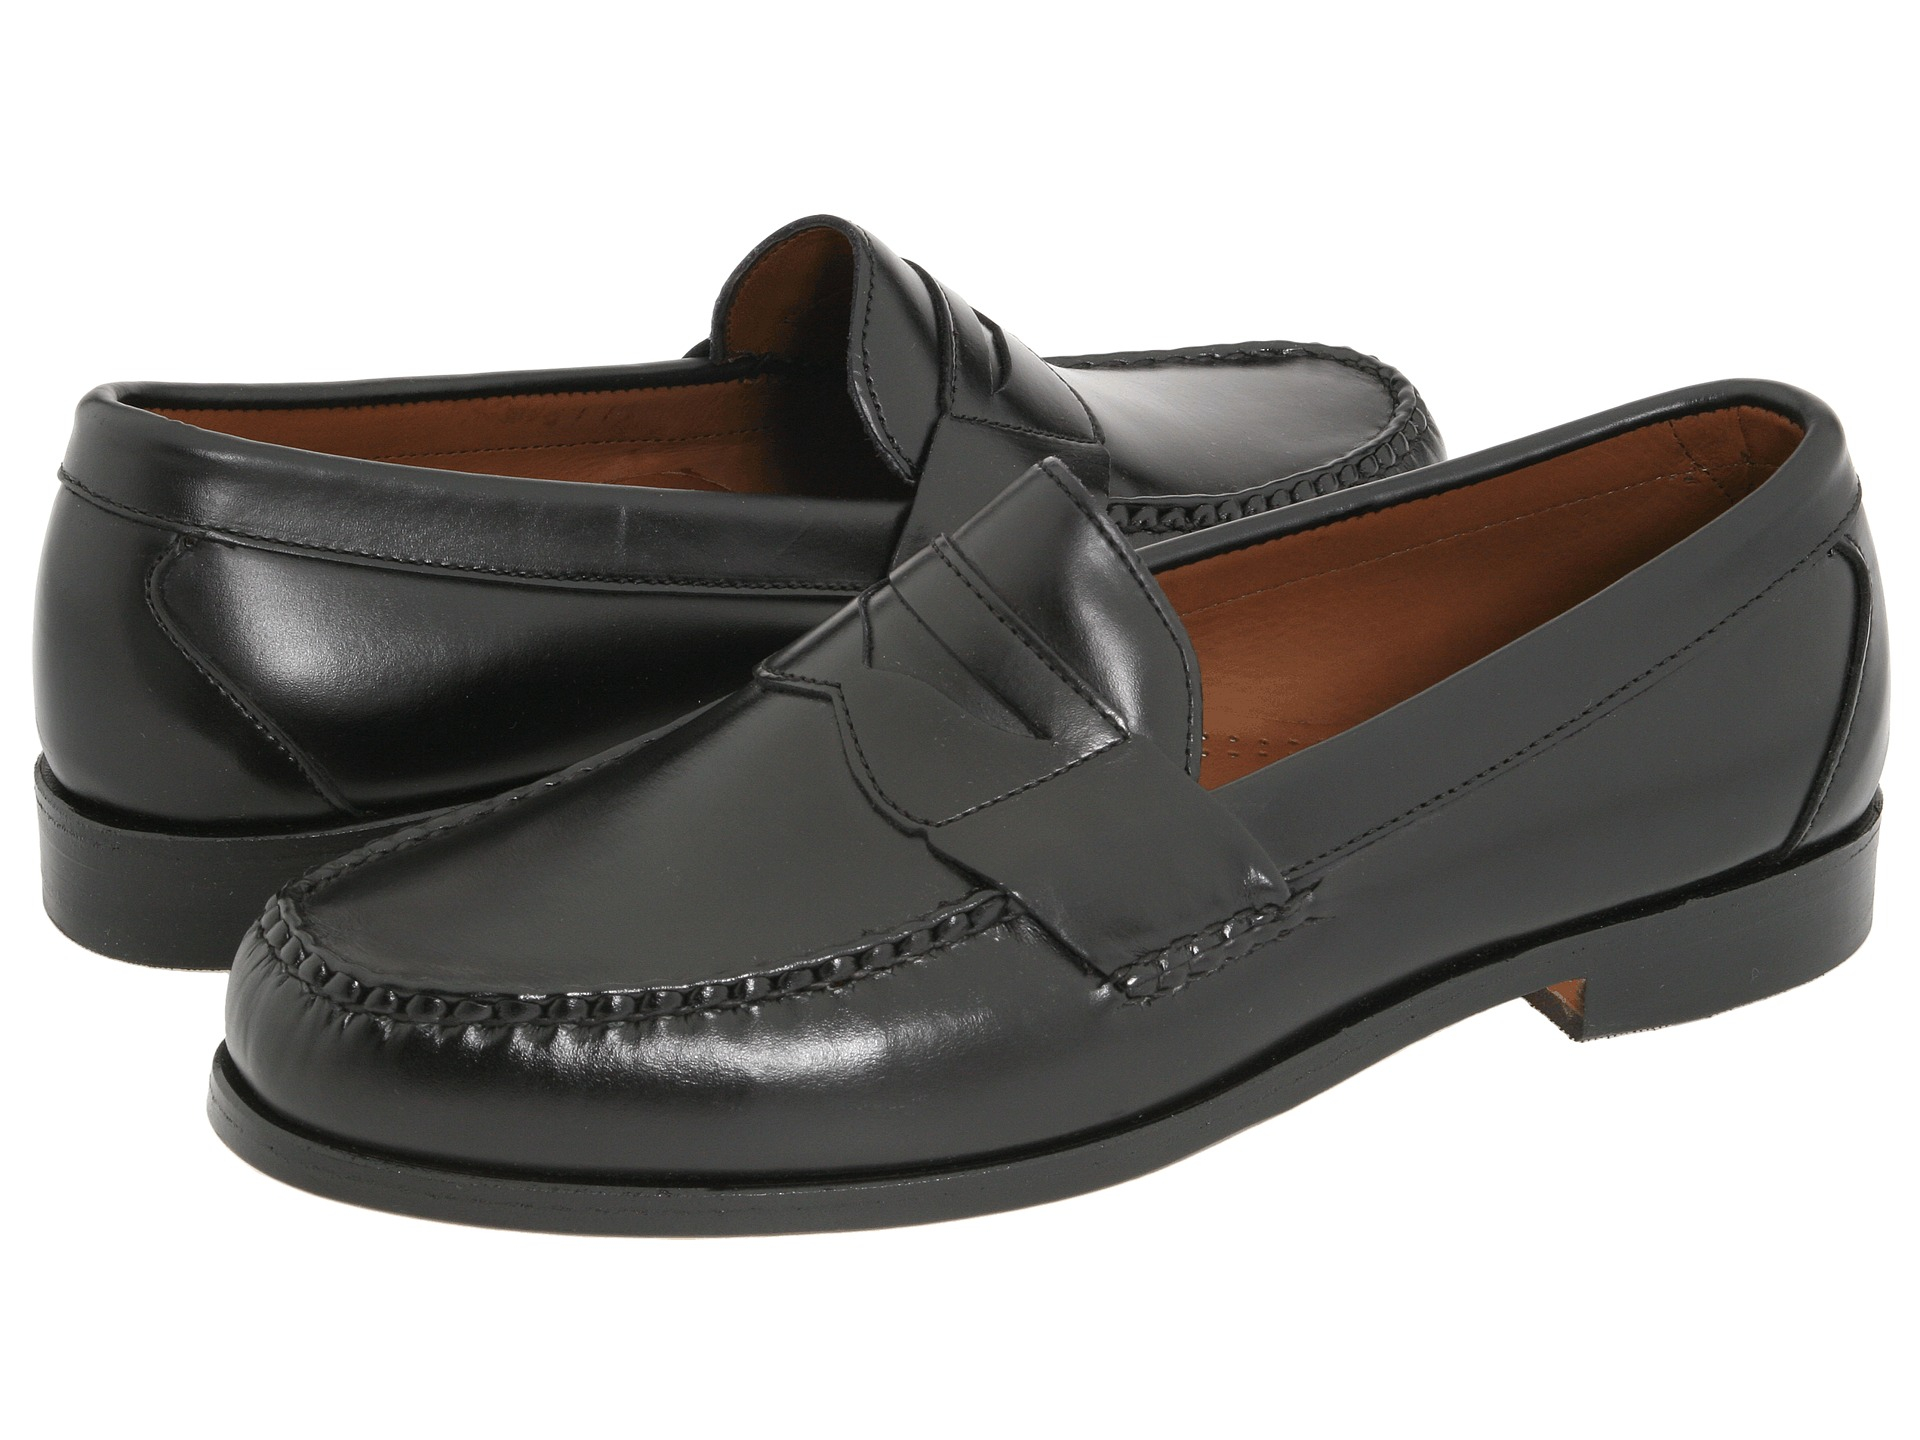 85f2af065f6 Lyst - Allen Edmonds Walden in Black for Men